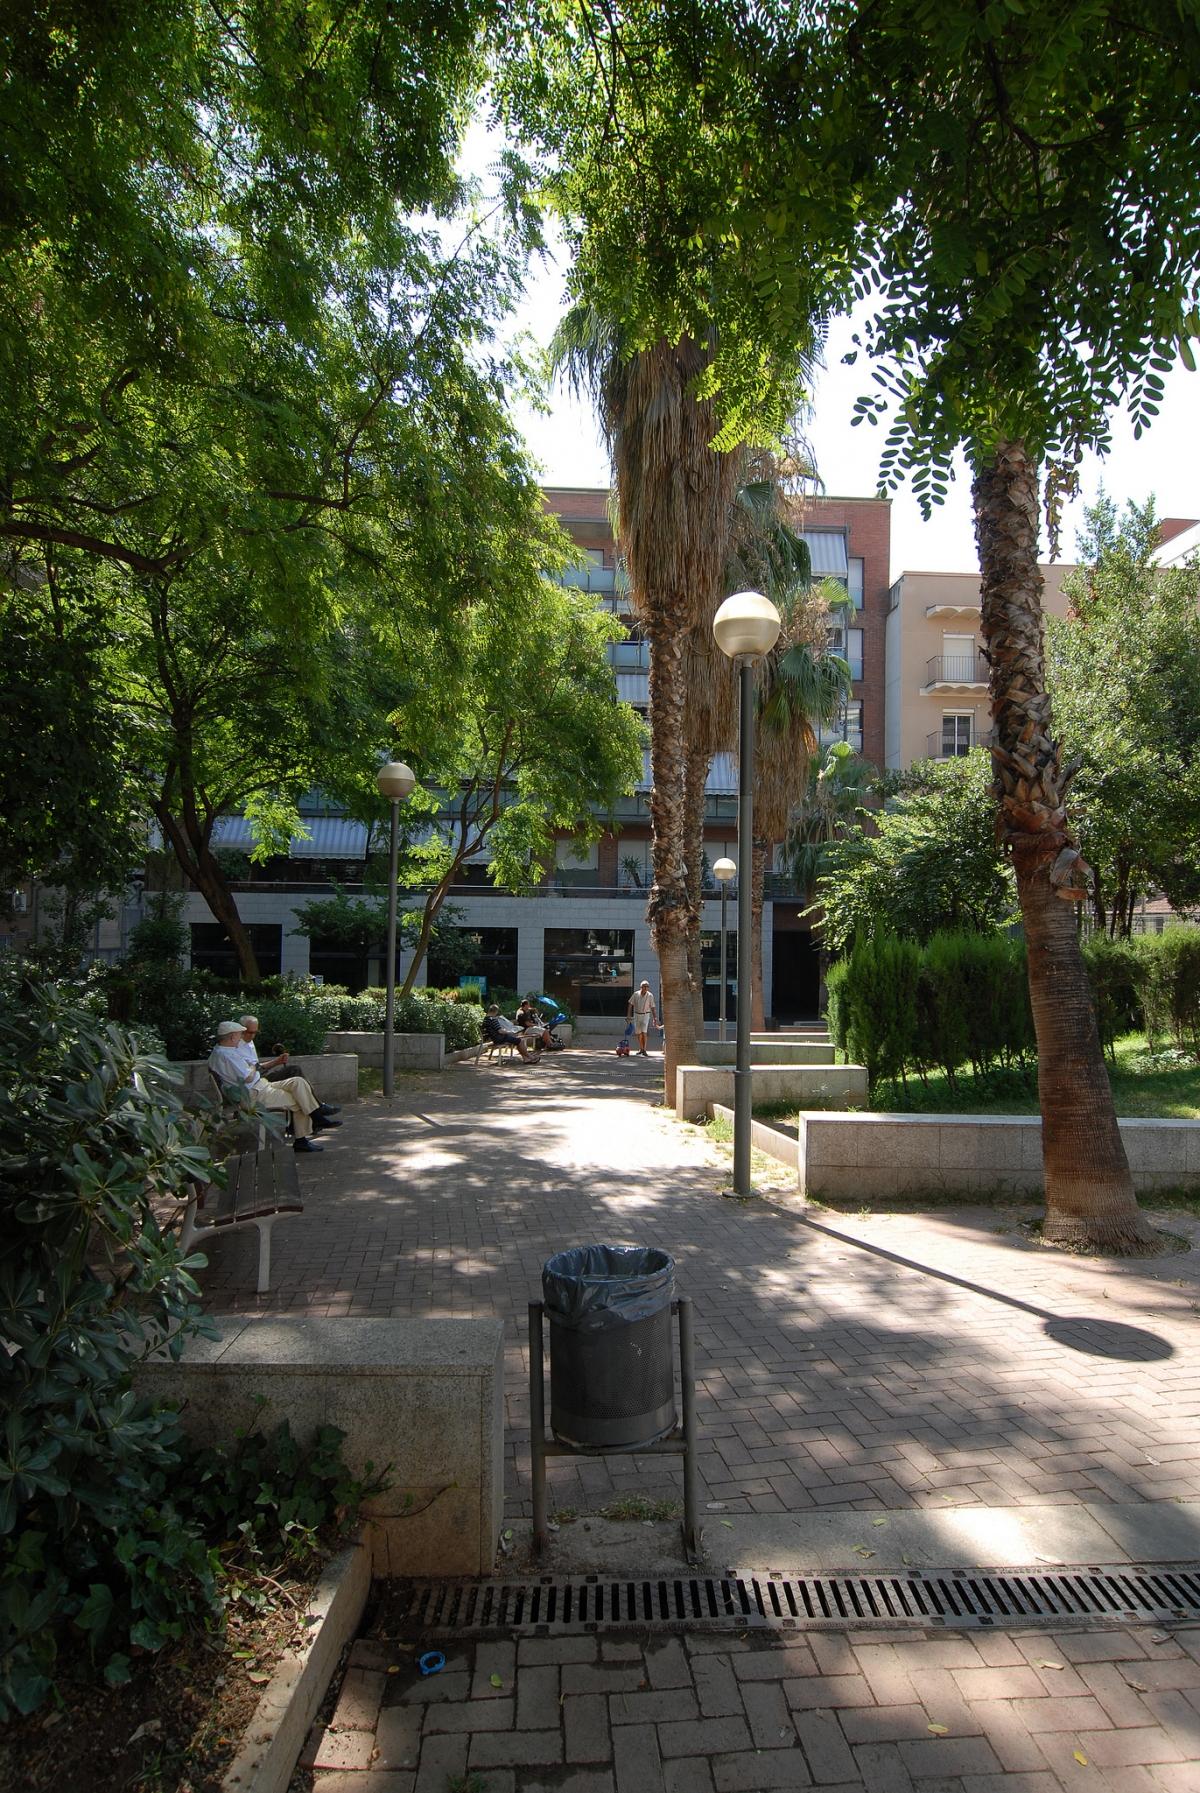 Jardines montserrat roig barcelona film commission for Parques y jardines de barcelona